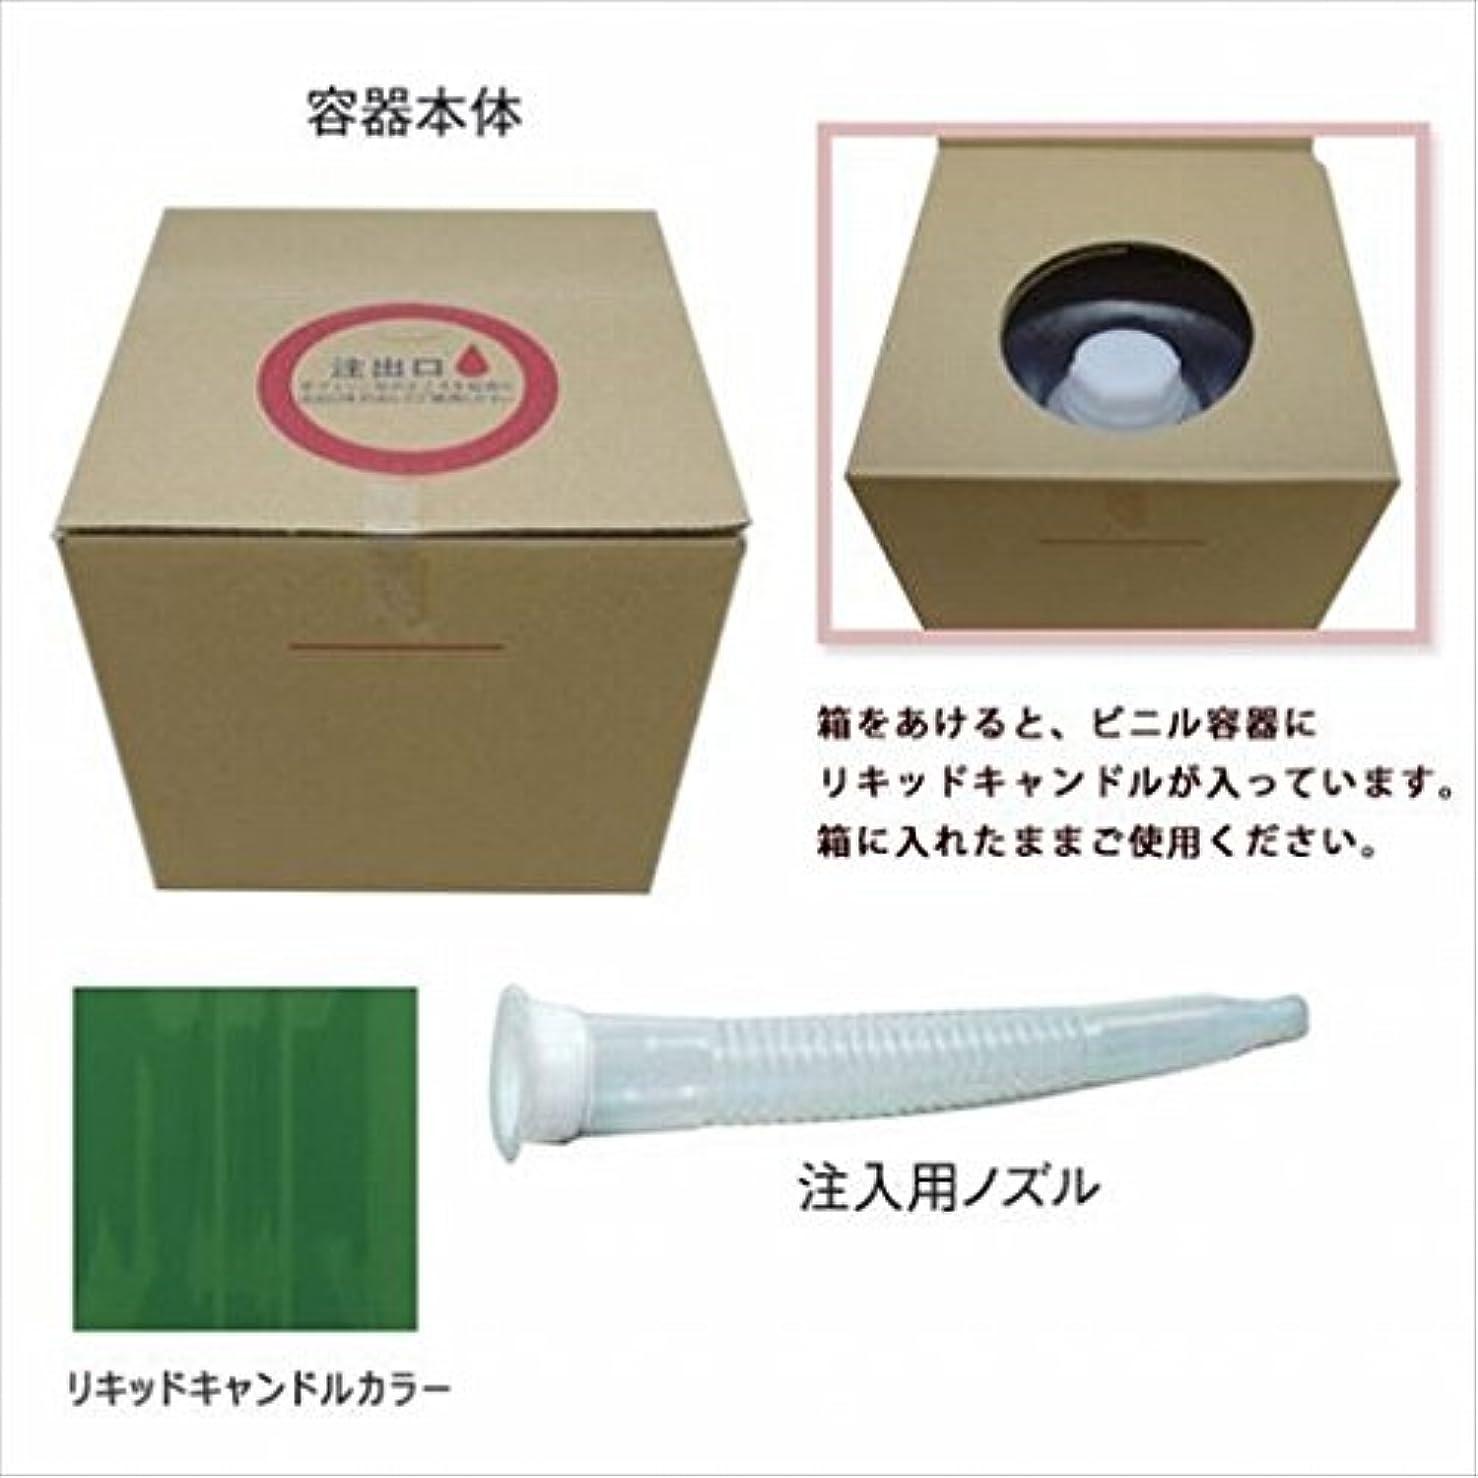 学習者愛入射カメヤマキャンドル(kameyama candle) リキッドキャンドル5リットル 「 グリーン 」